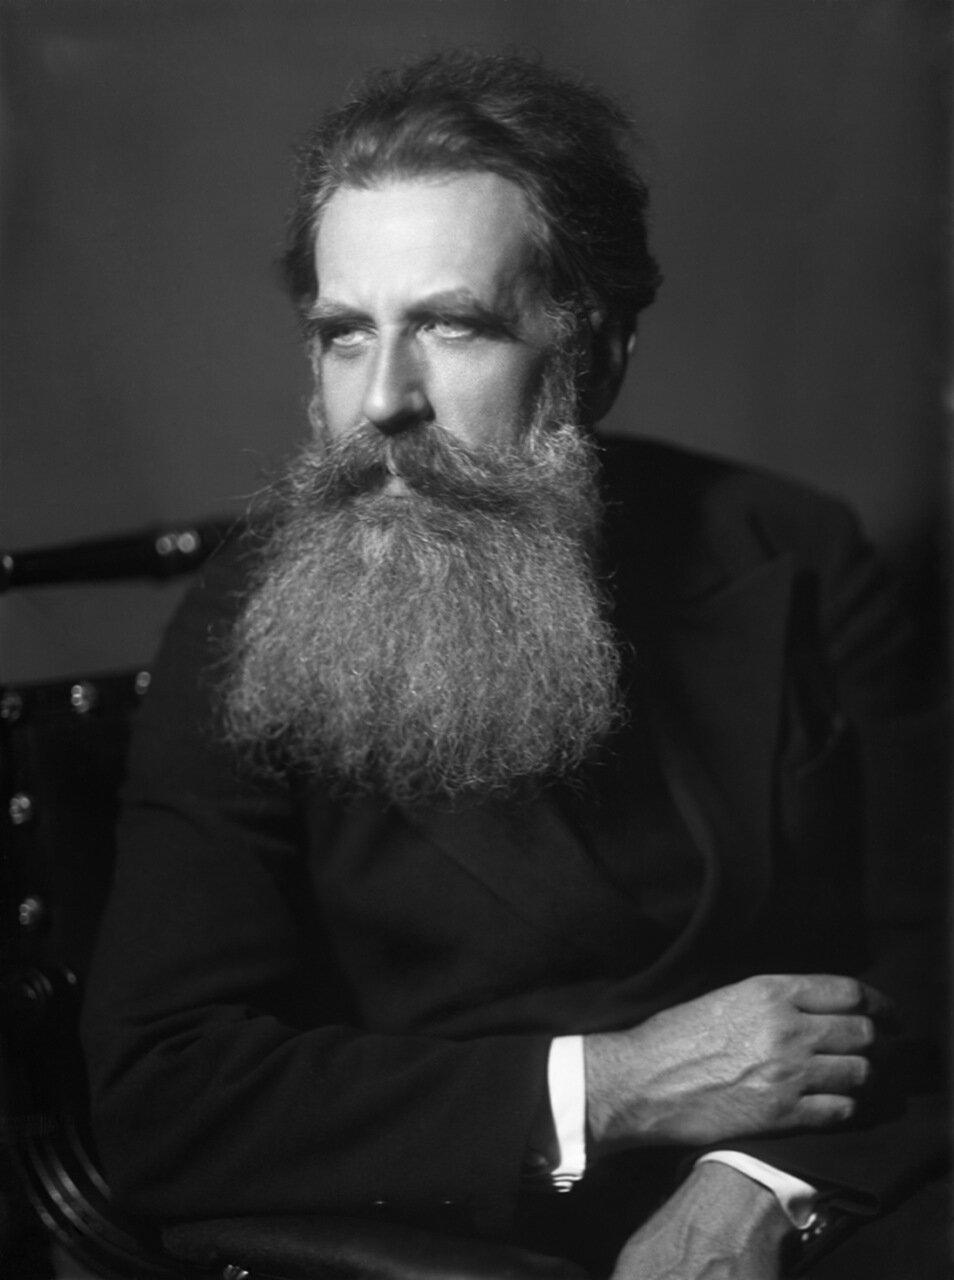 Шмидт Отто Юльевич (18 (30) сентября 1891, Могилёв — 7 сентября 1956, Москва) — советский математик, географ, геофизик, астроном. Исследователь Памира (1928), исследователь Севера.Профессор (1924). Академик АН СССР (01.06.1935, член-корреспондент с 01.02.